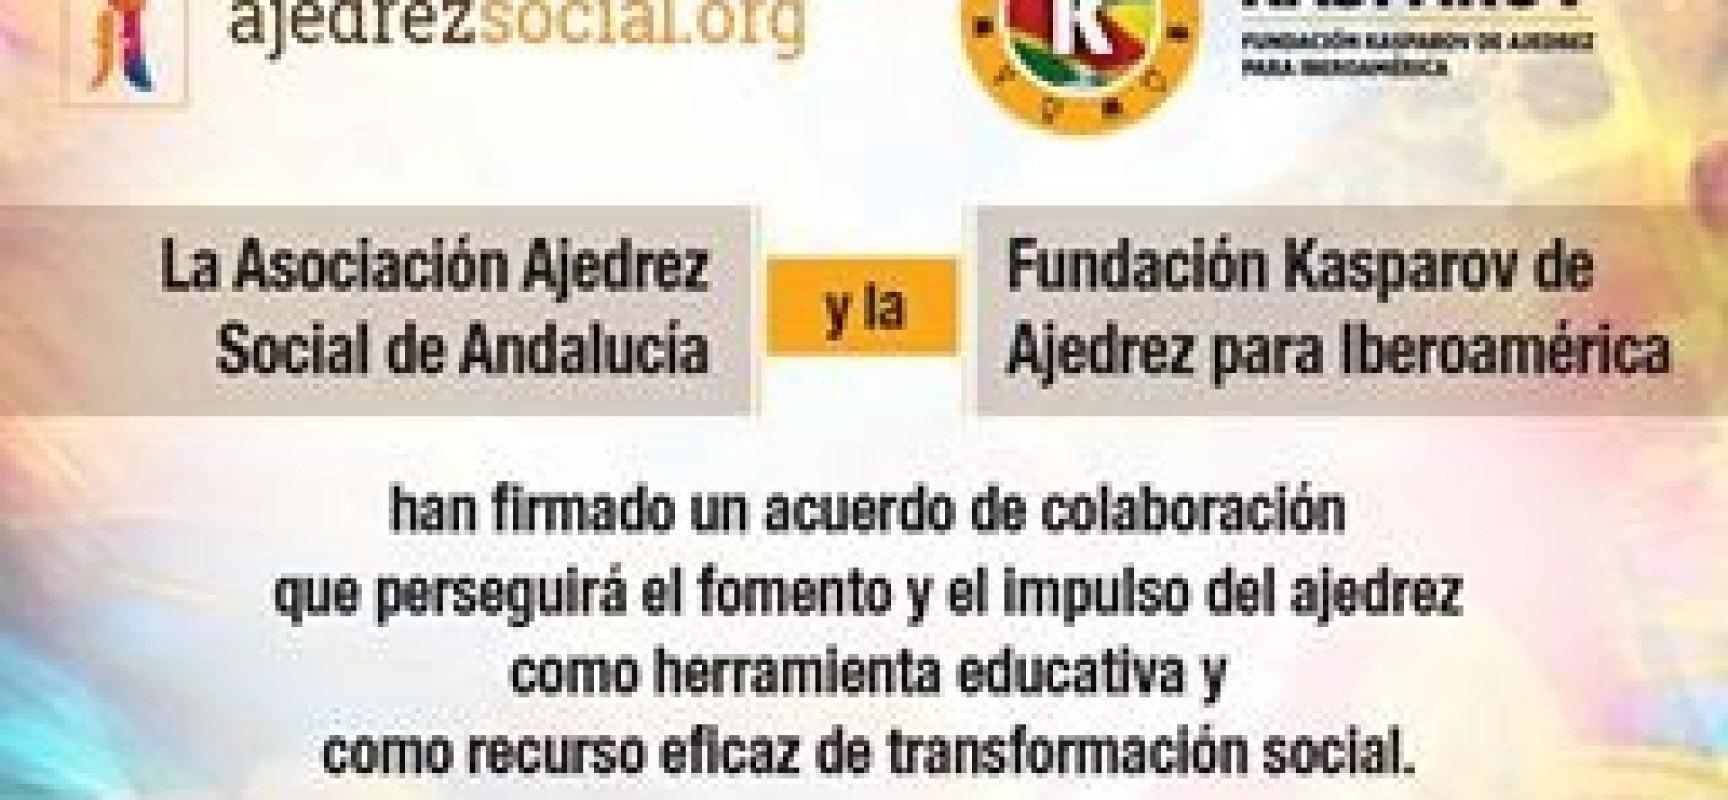 Acuerdo institucional con la Fundación Kasparov de Ajedrez